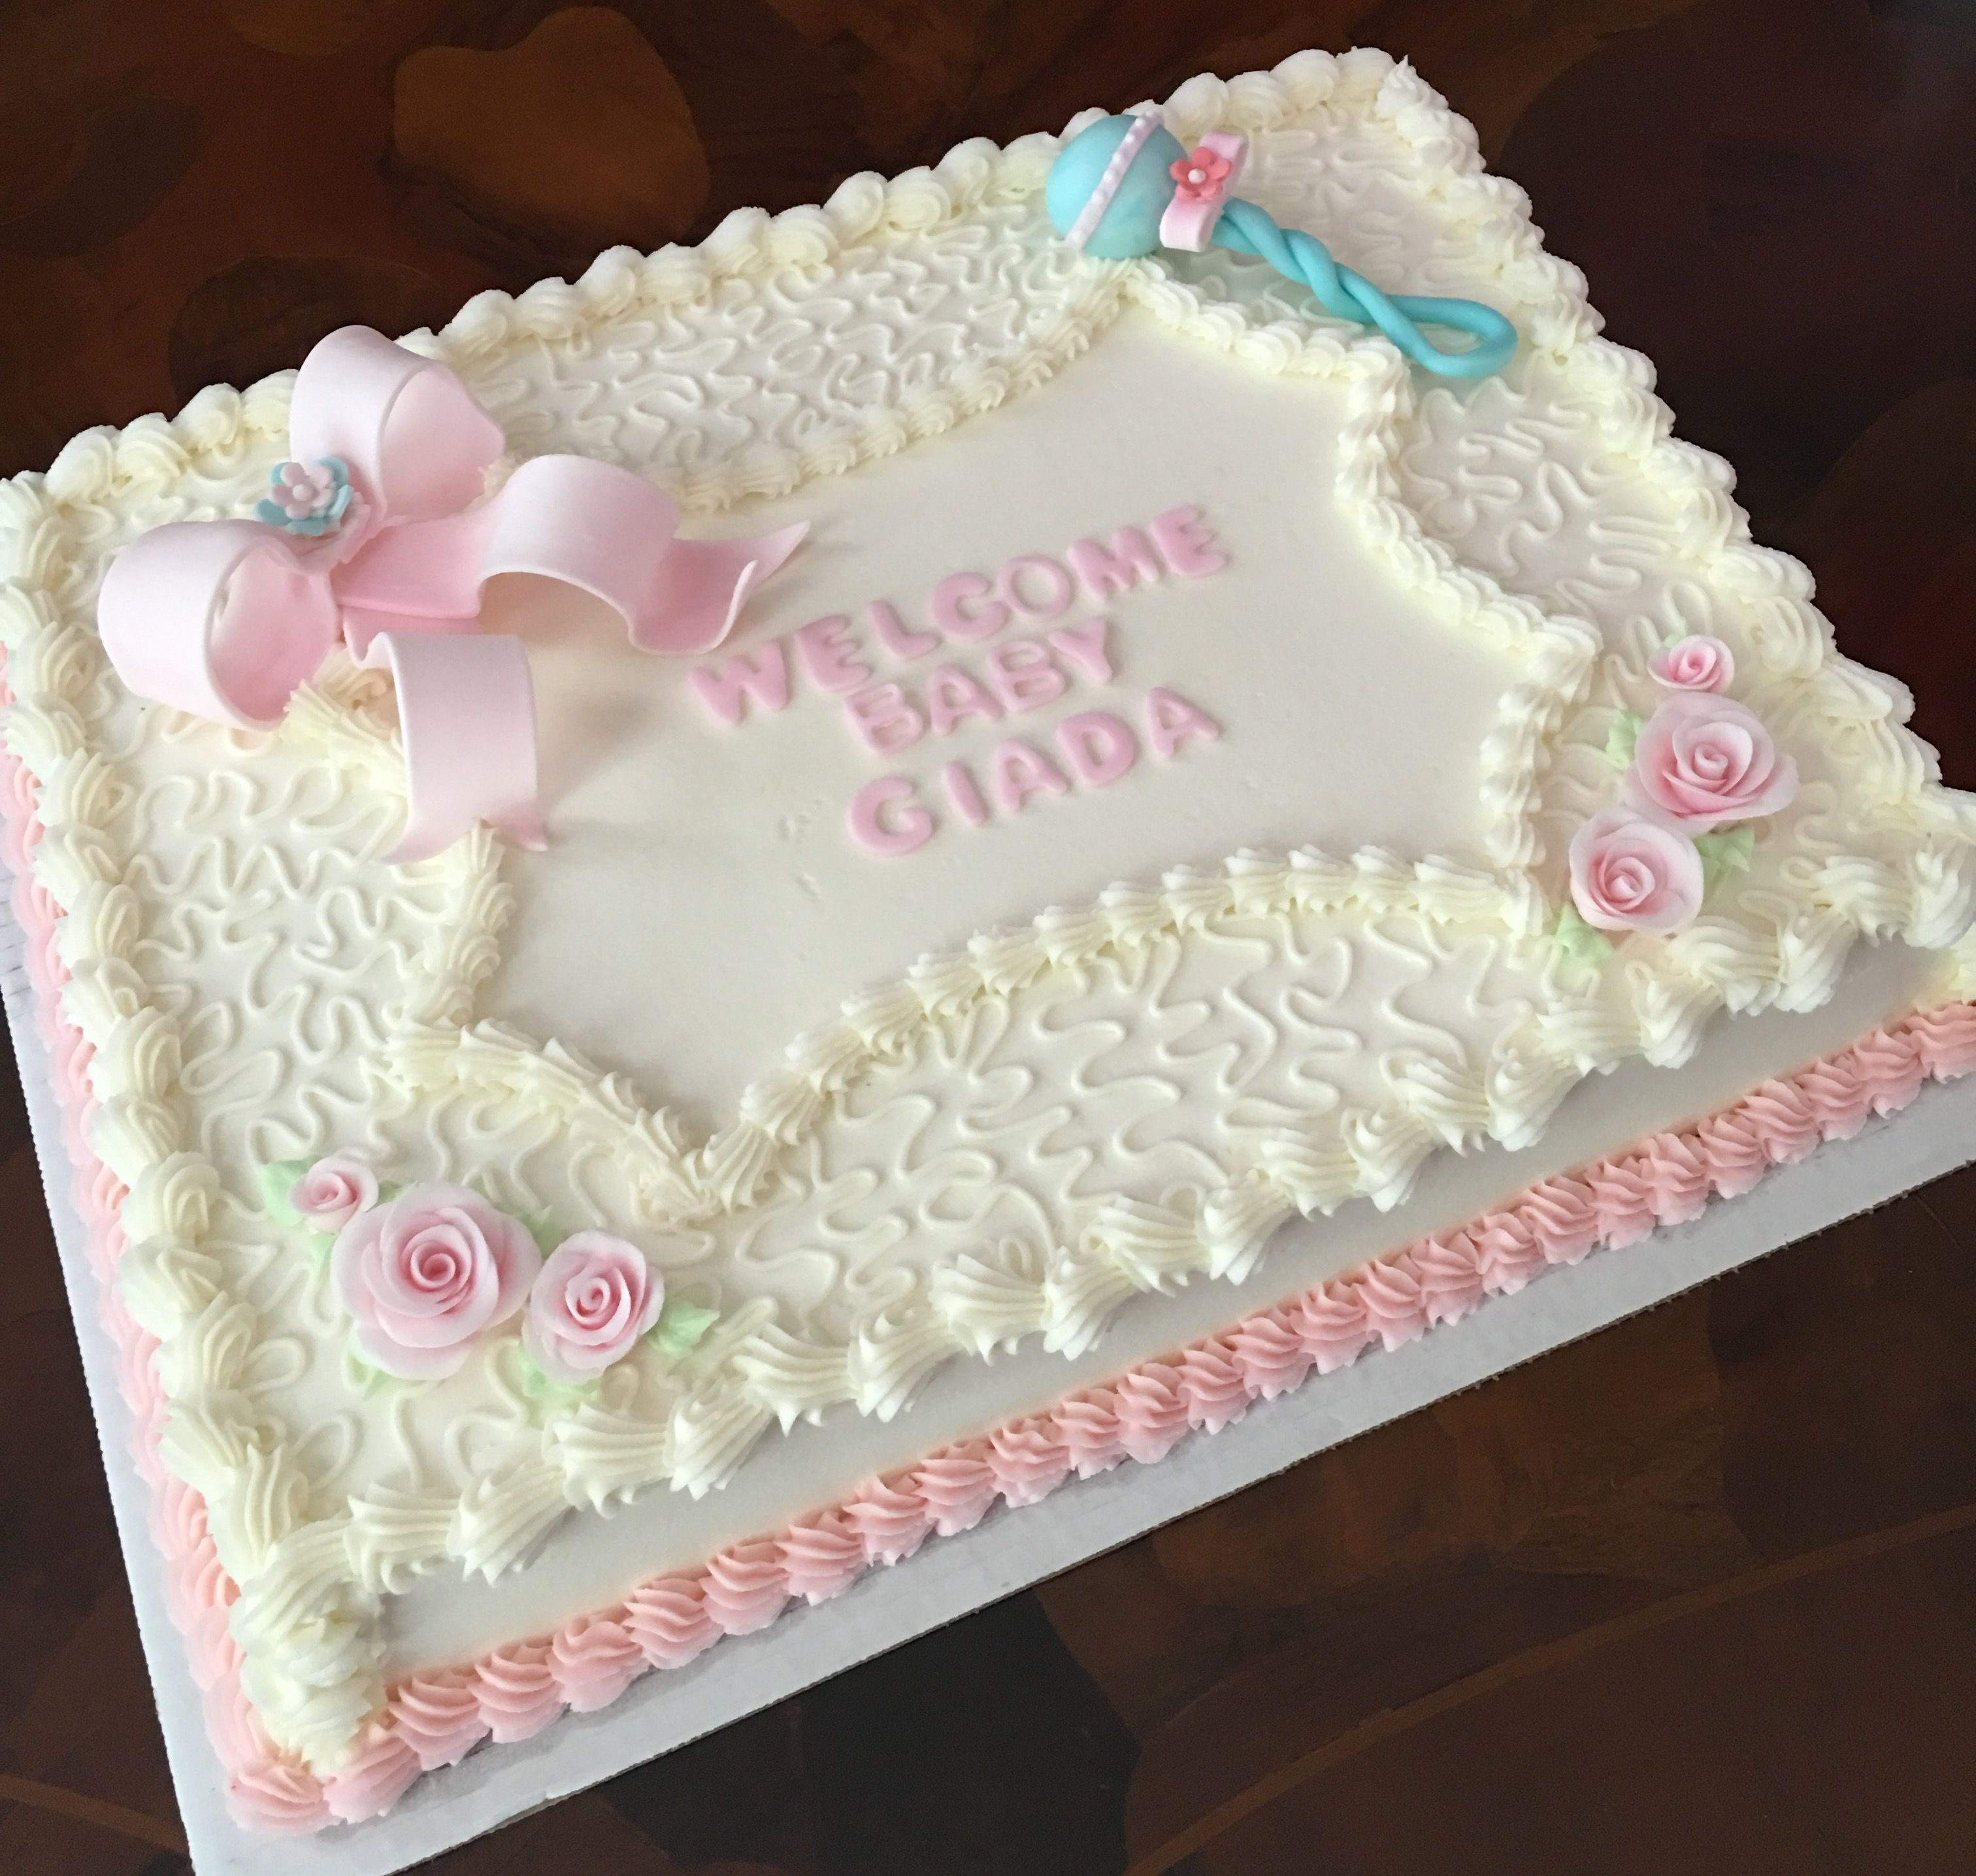 Princess cake | Baby birthday cakes, Girl cakes, First